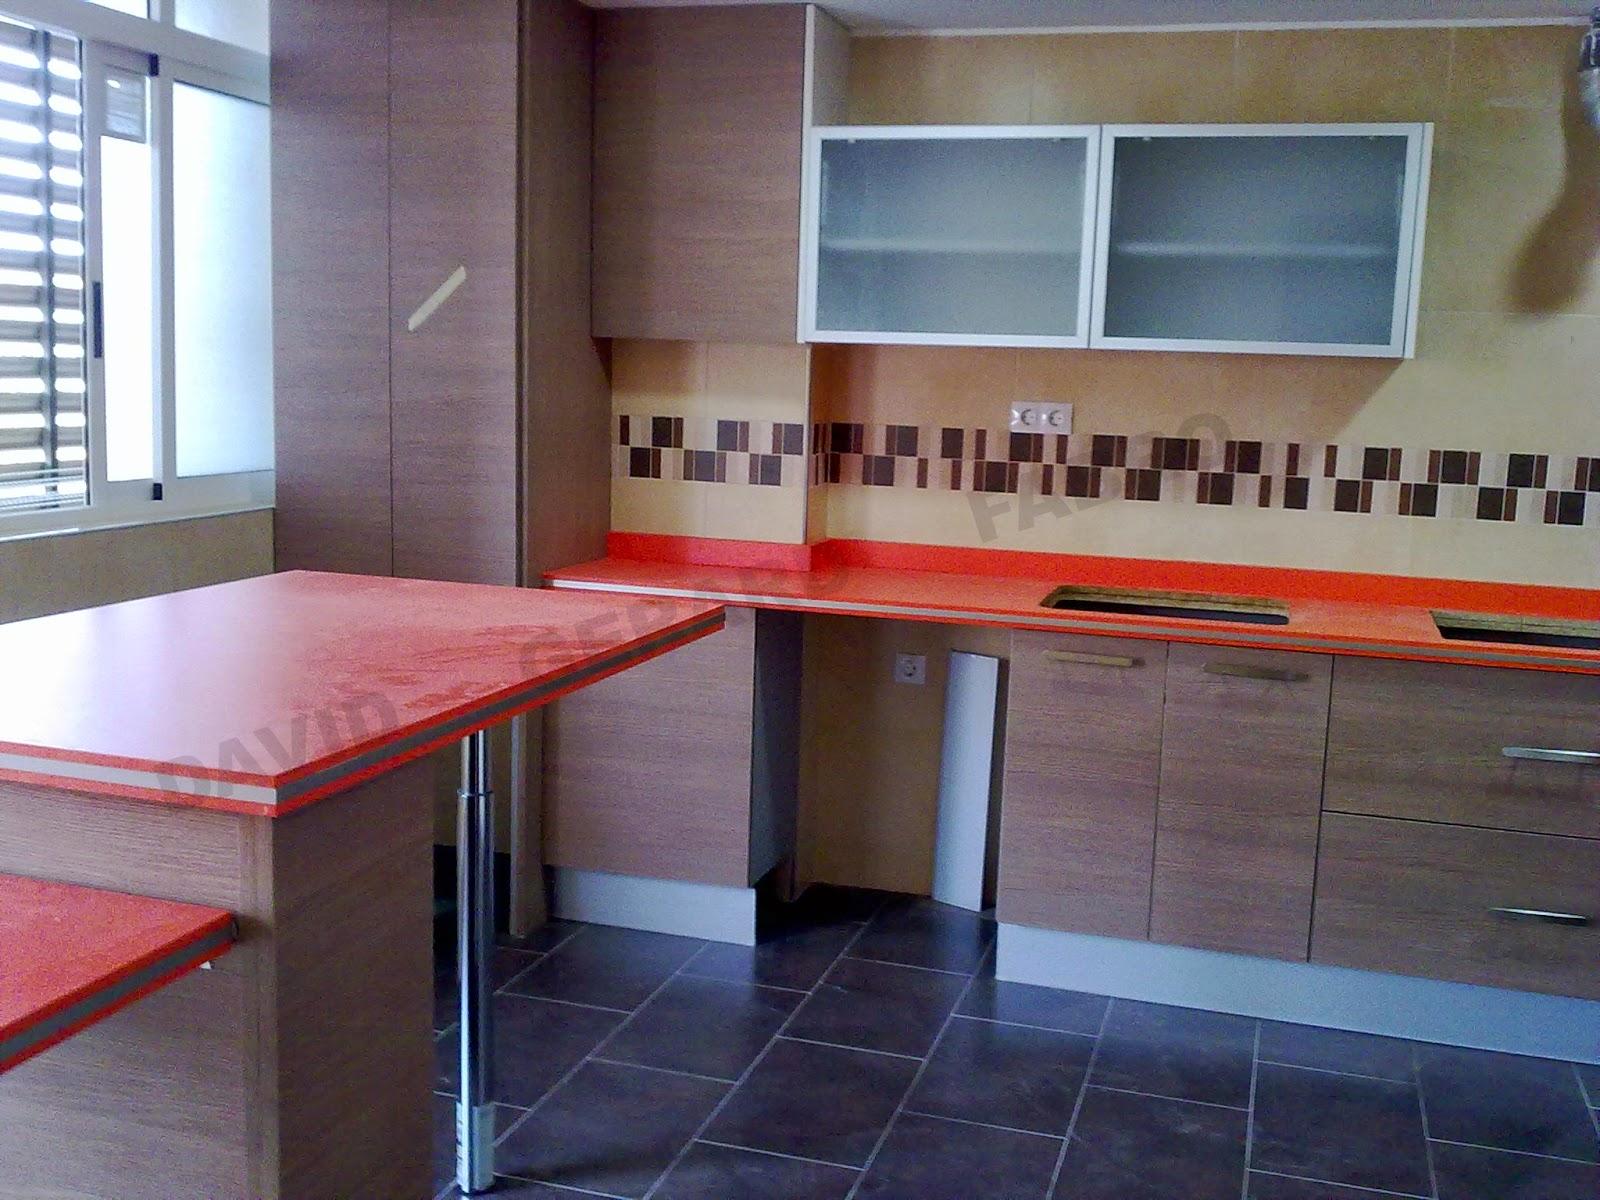 Cocina con la encimera naranja y muebles alto horizontales